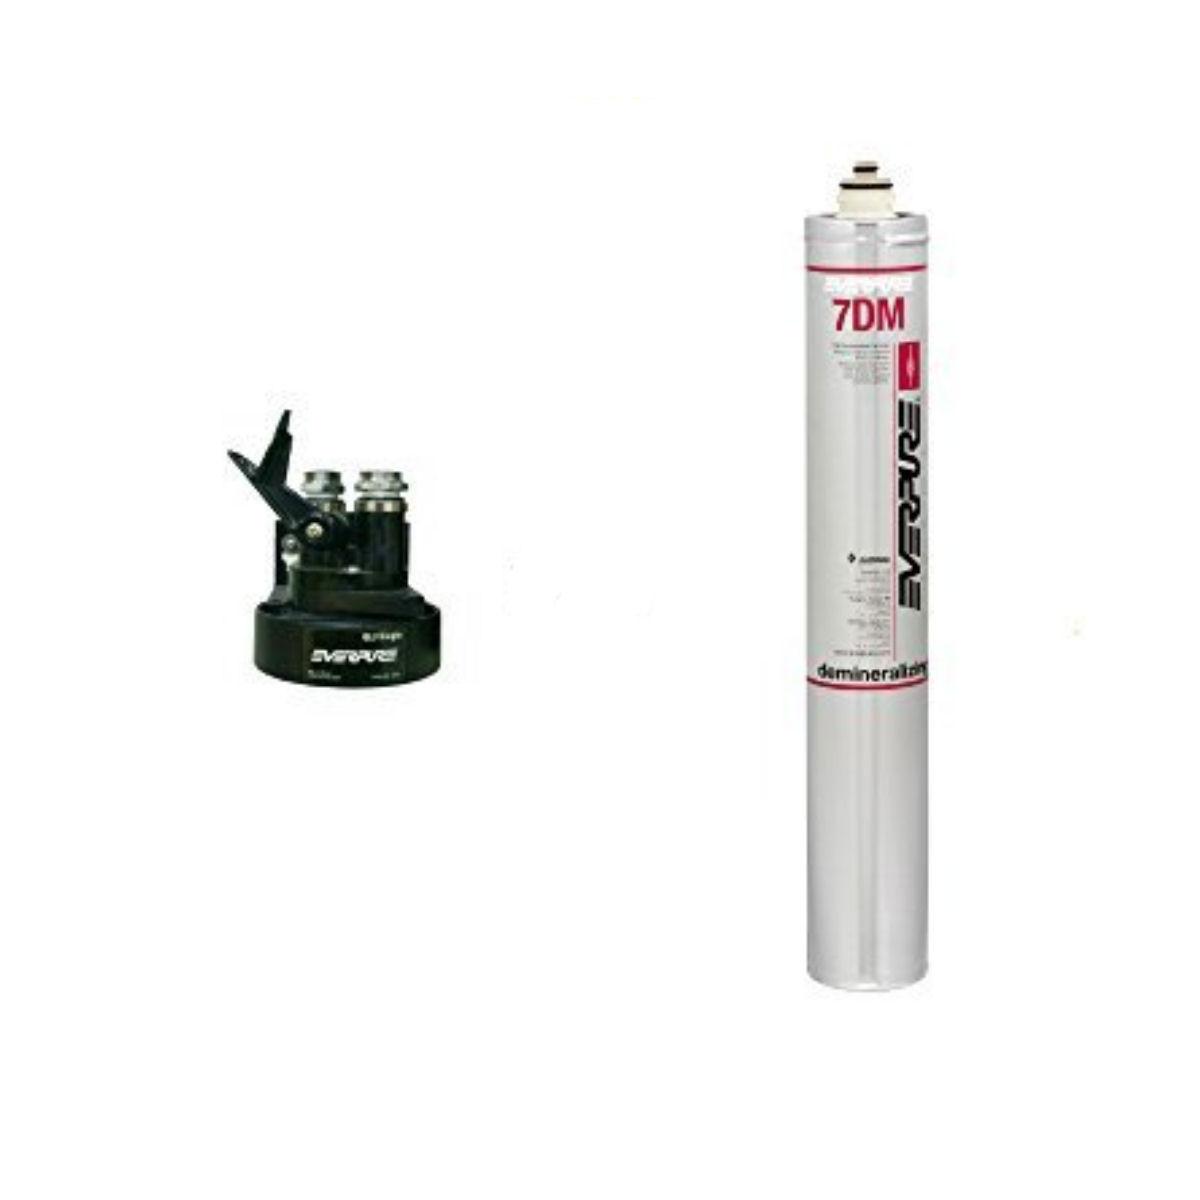 新規設置仕様  エバーピュア 純水器 ヘッドフィルタセット品 QL3-7DM 水中の硬度を限りなくゼロに